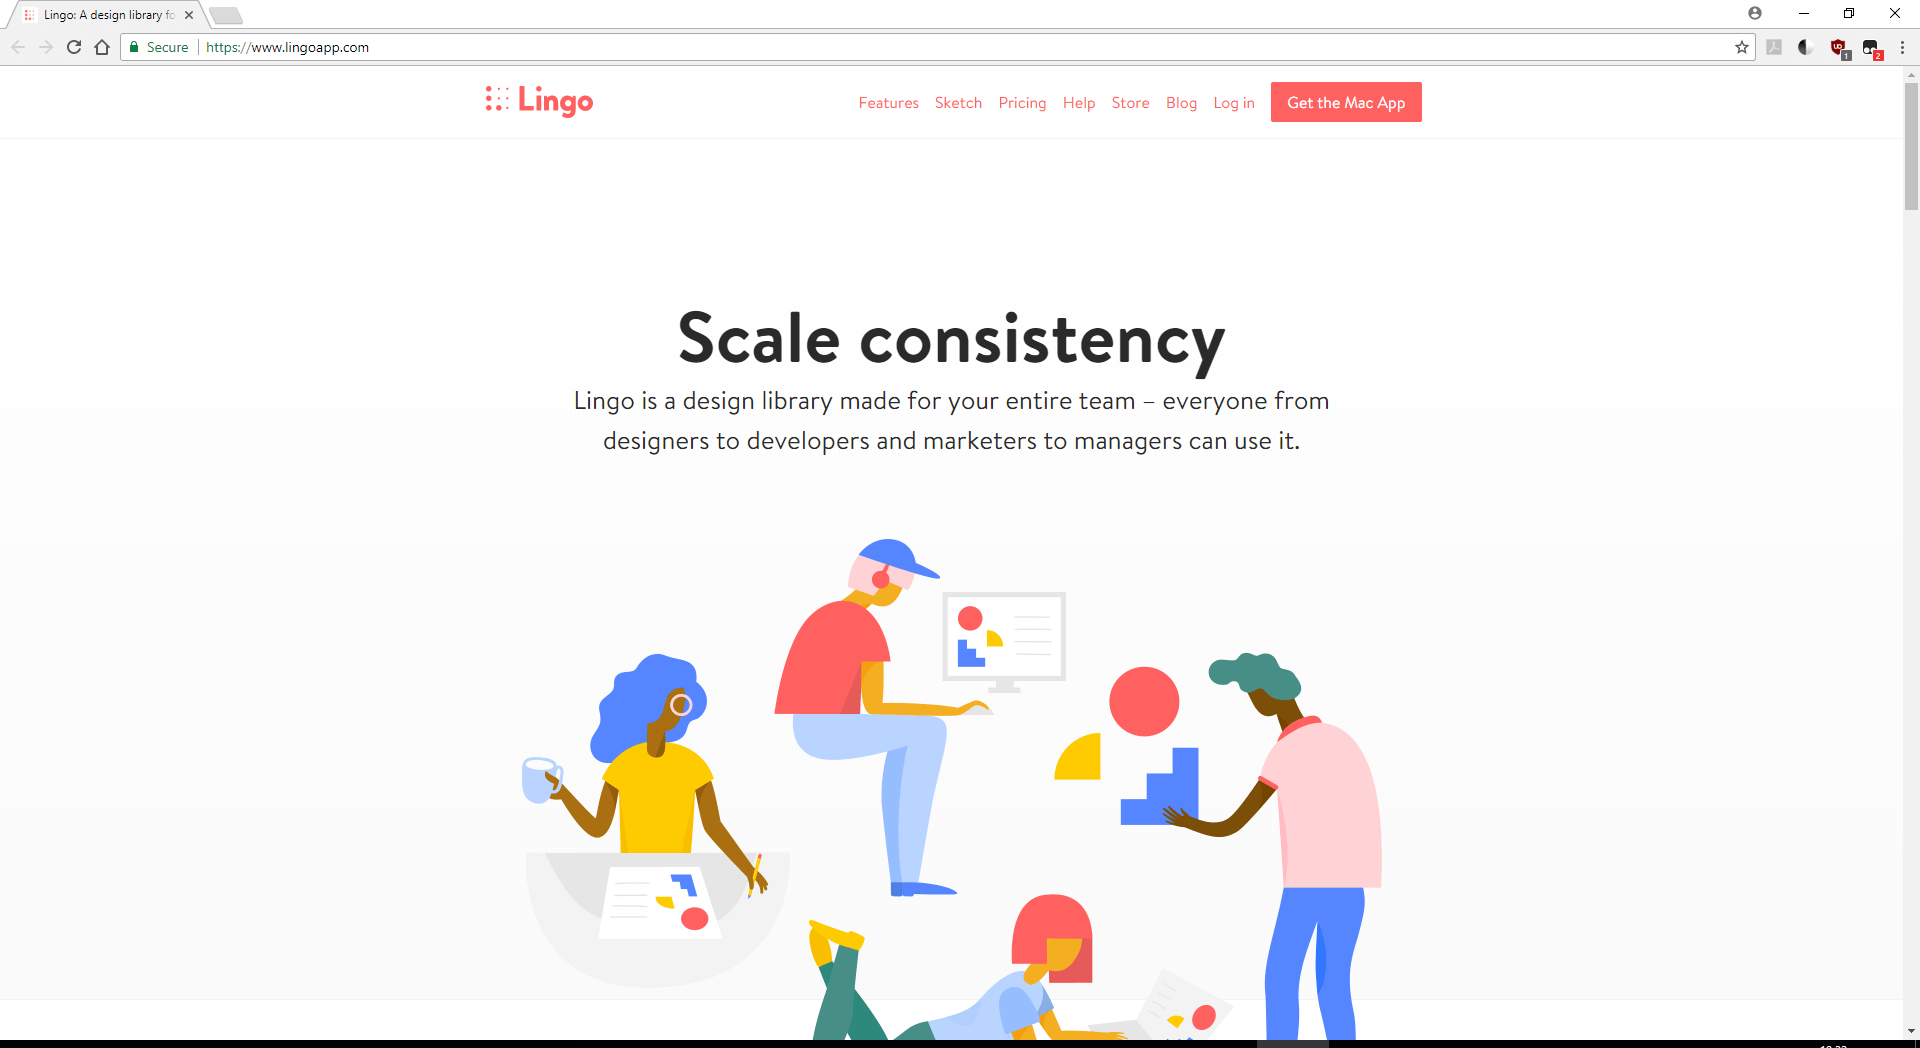 lingoapp.com